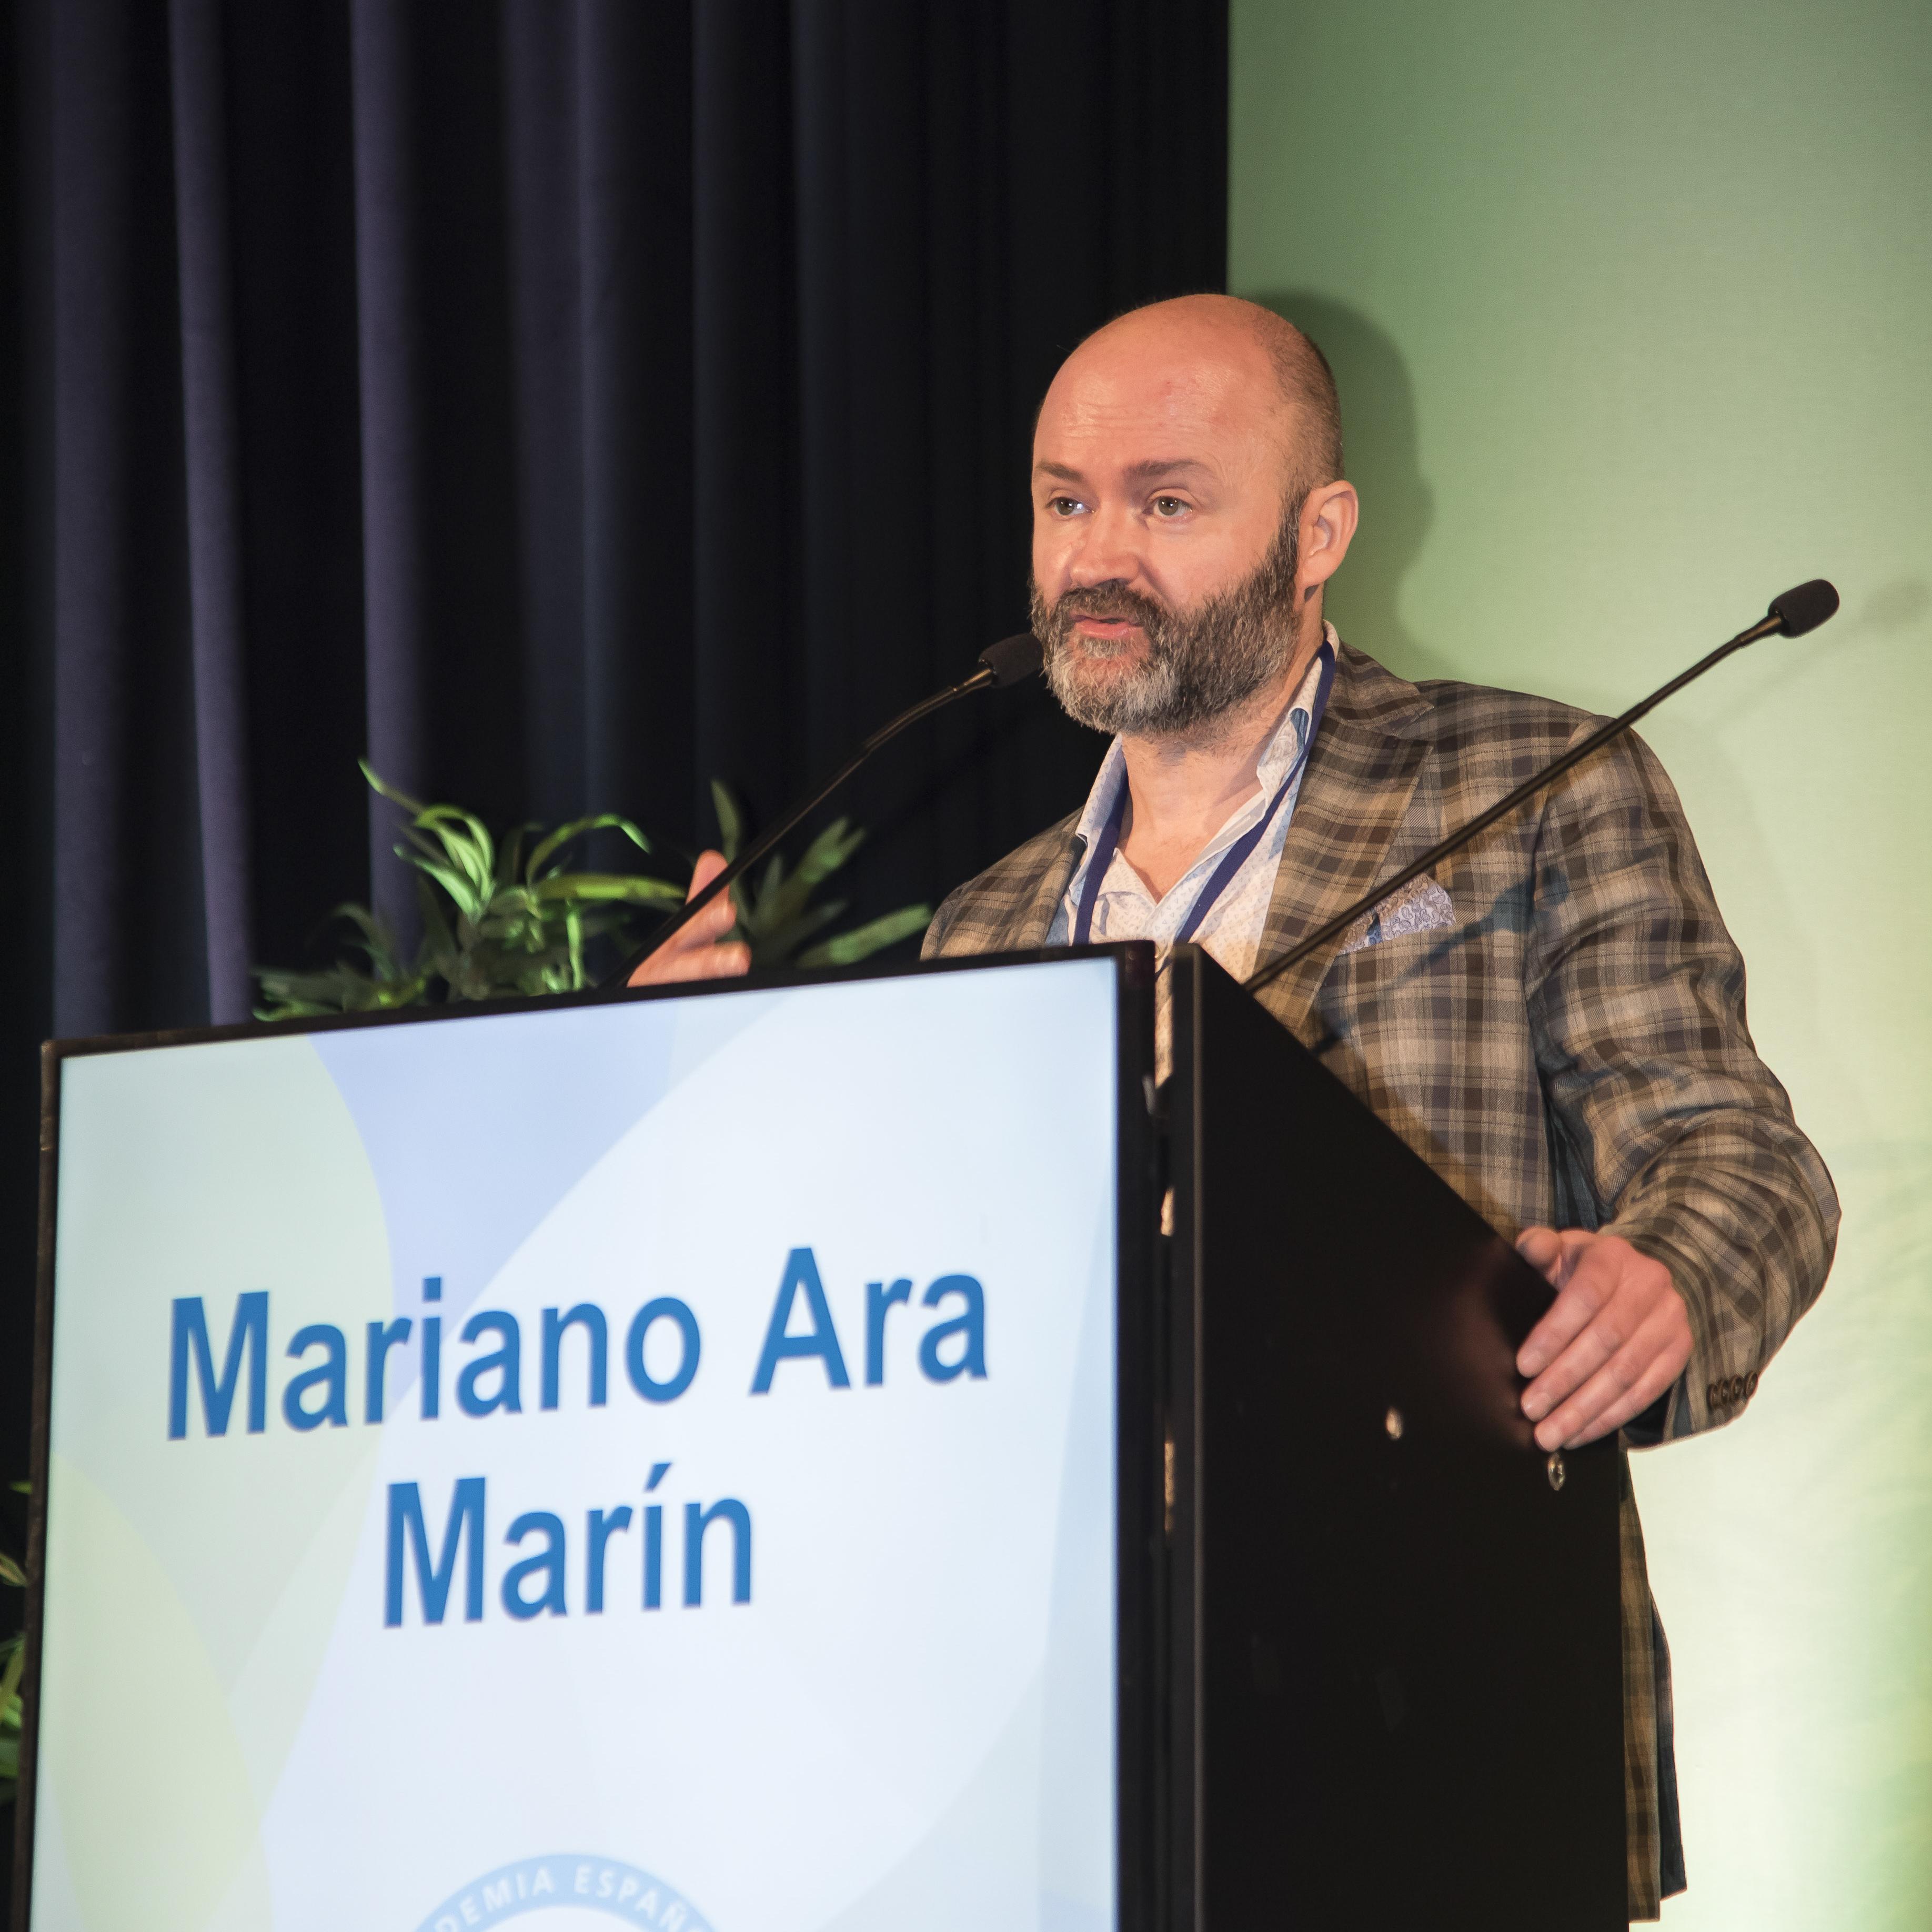 Mariano-Ara